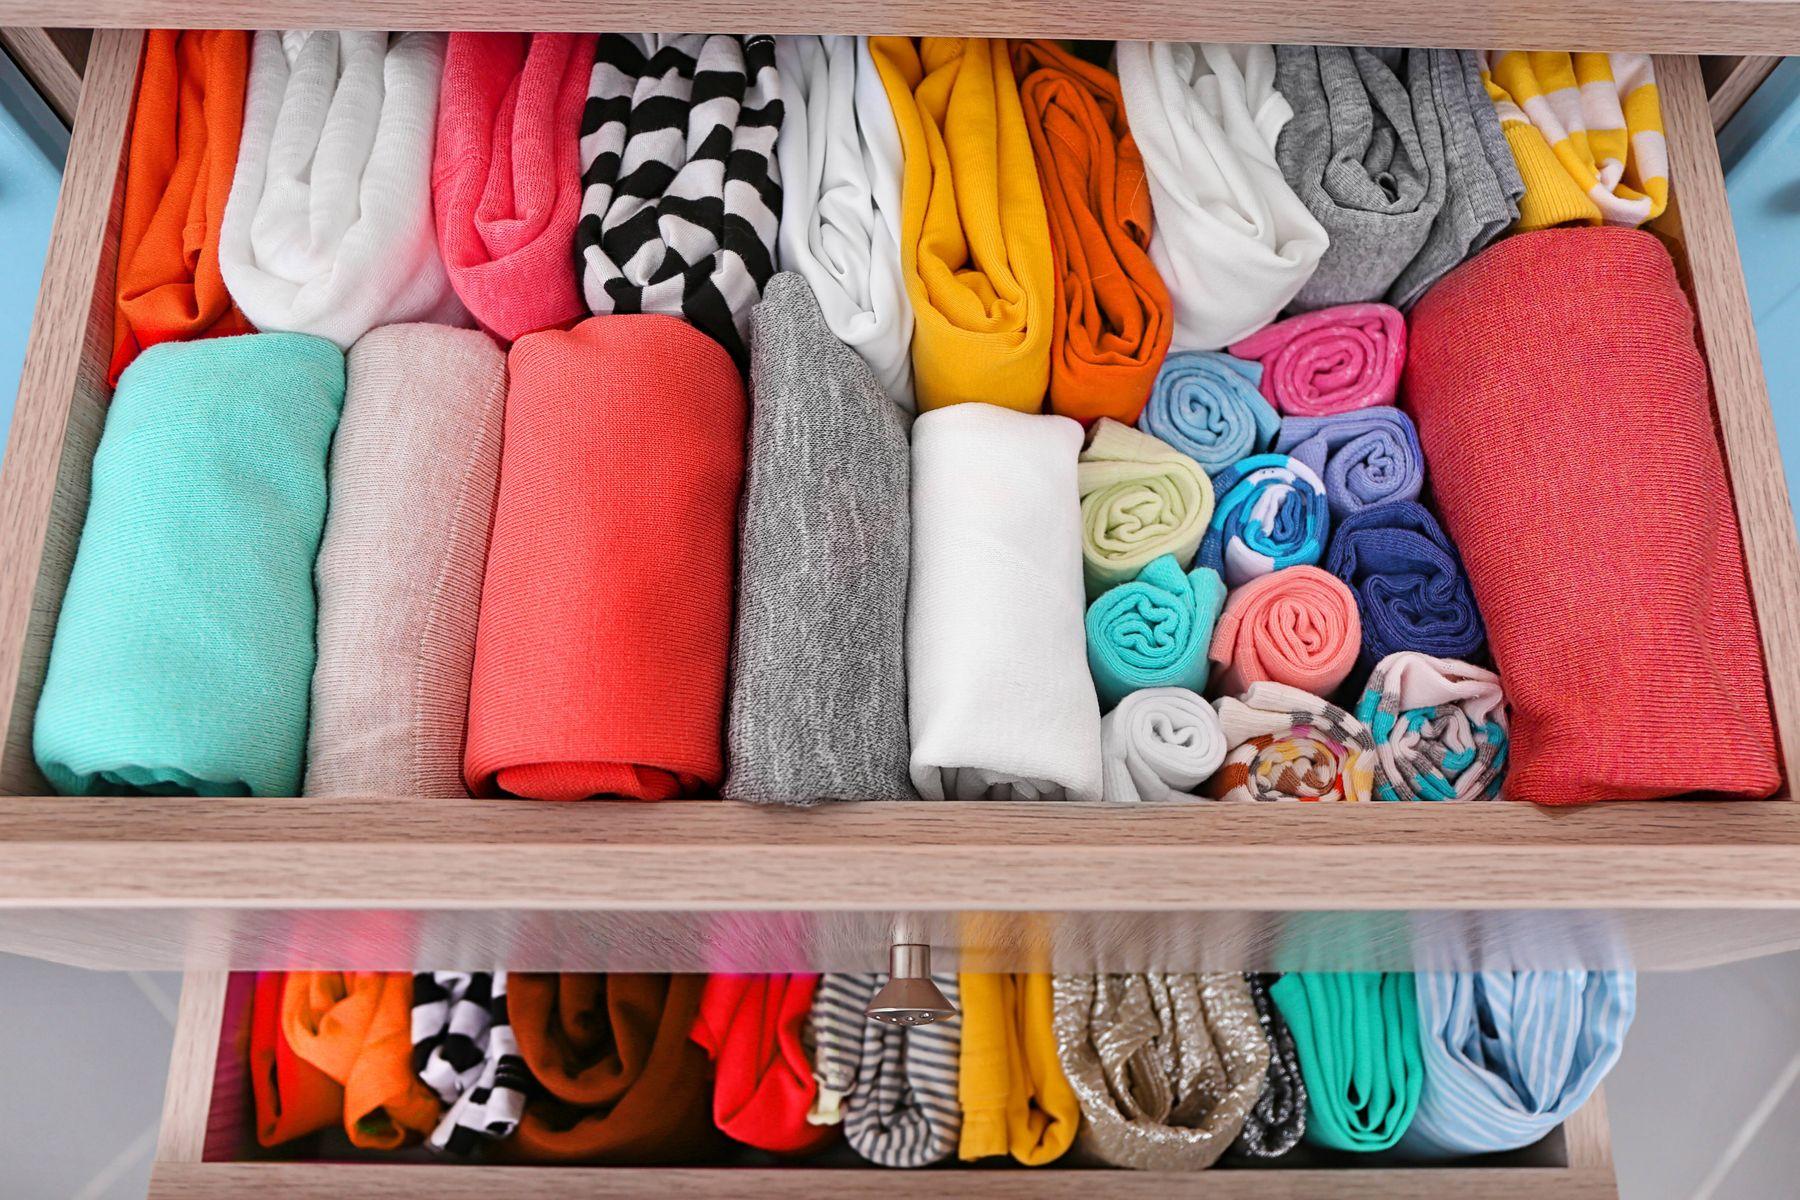 dùng nước xả vải khi giặt máy giặt